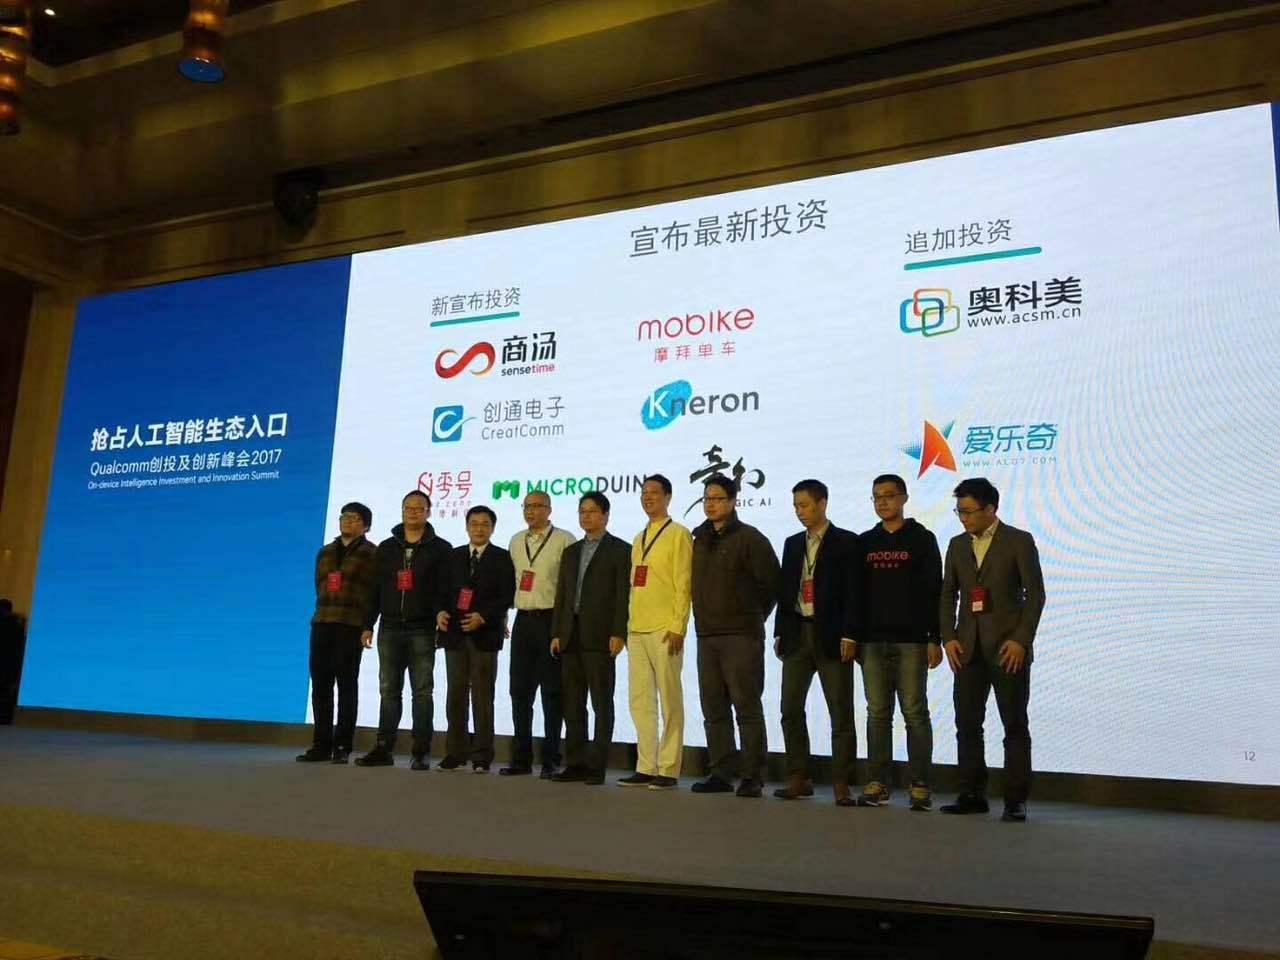 高通宣布对商汤、摩拜等9家中国公司投资